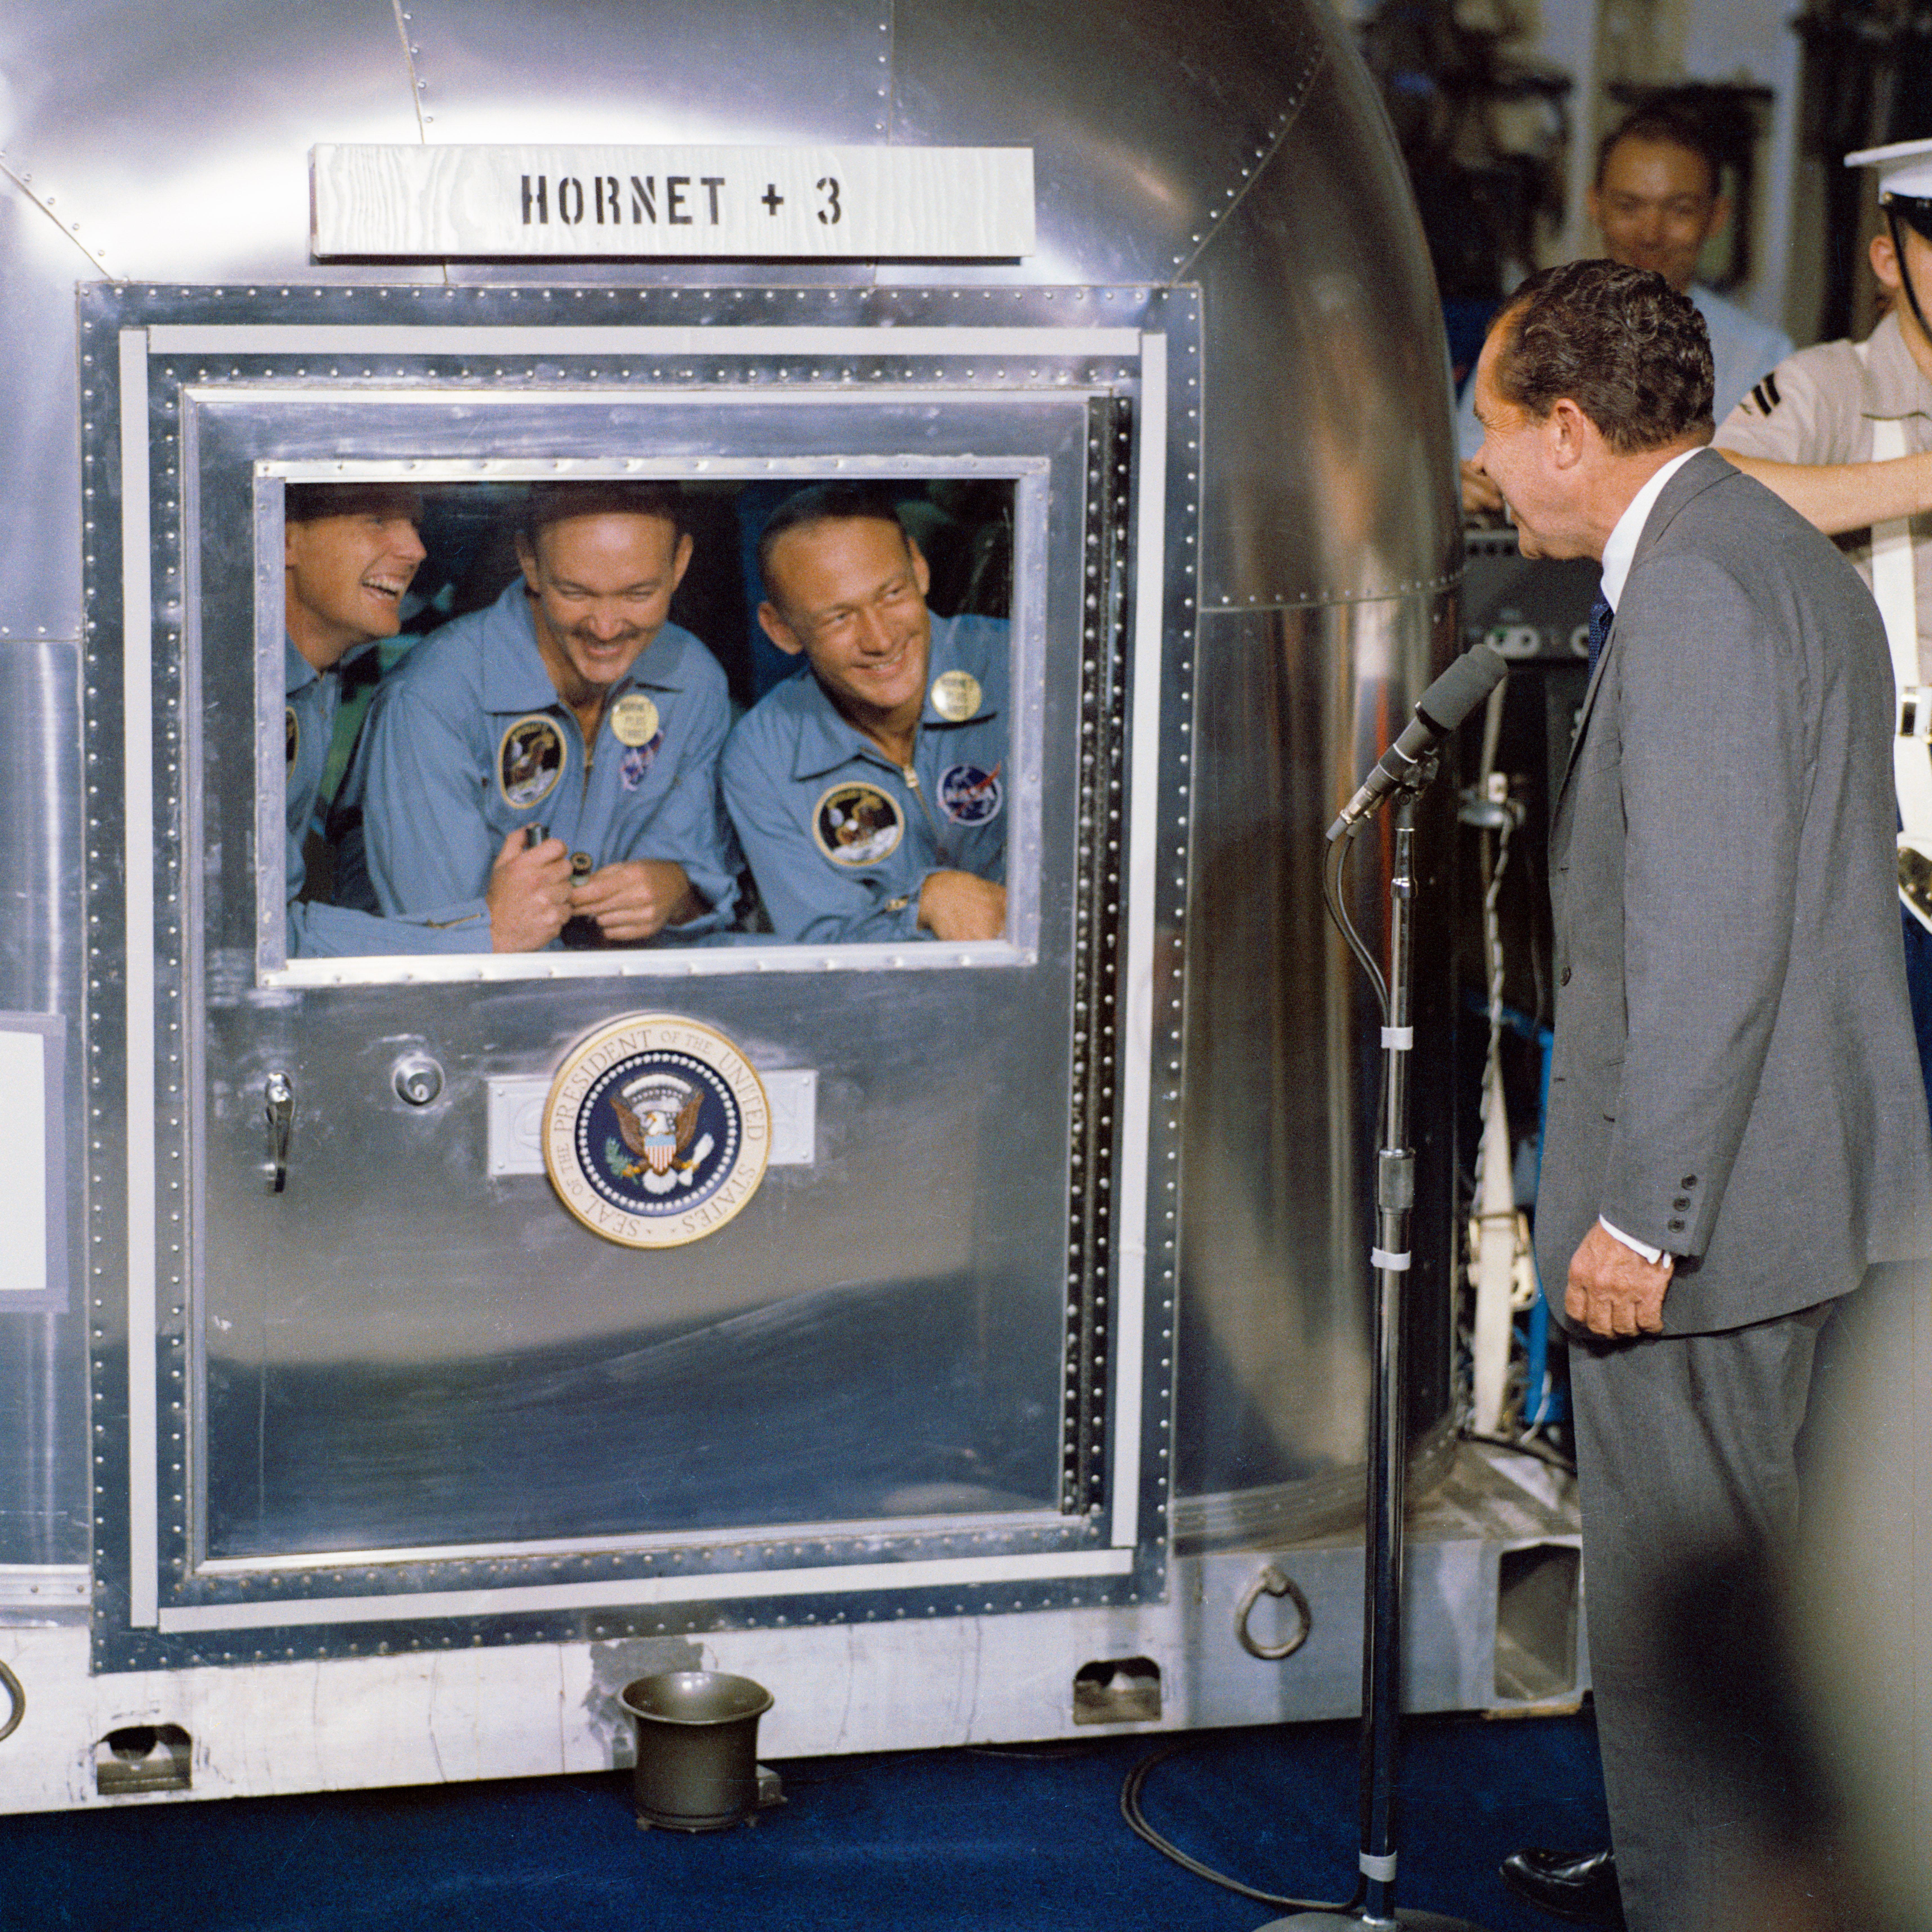 President Nixon välkomnar besättningen på Apollo 11 hem. Bild: Wikipedia